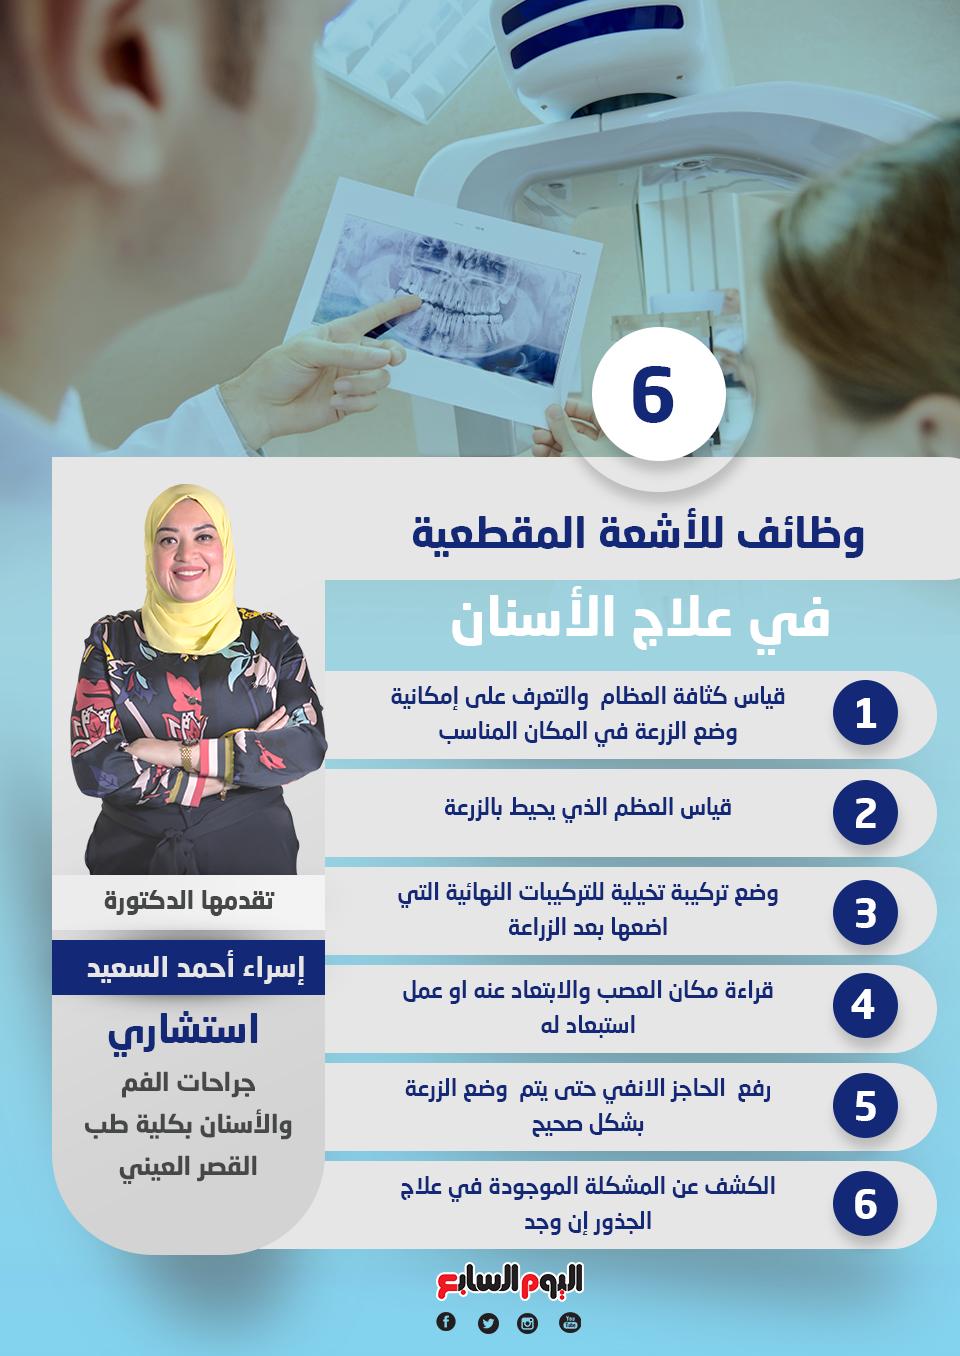 6 وظائف للأشعة المقطعية في علاج الأسنان